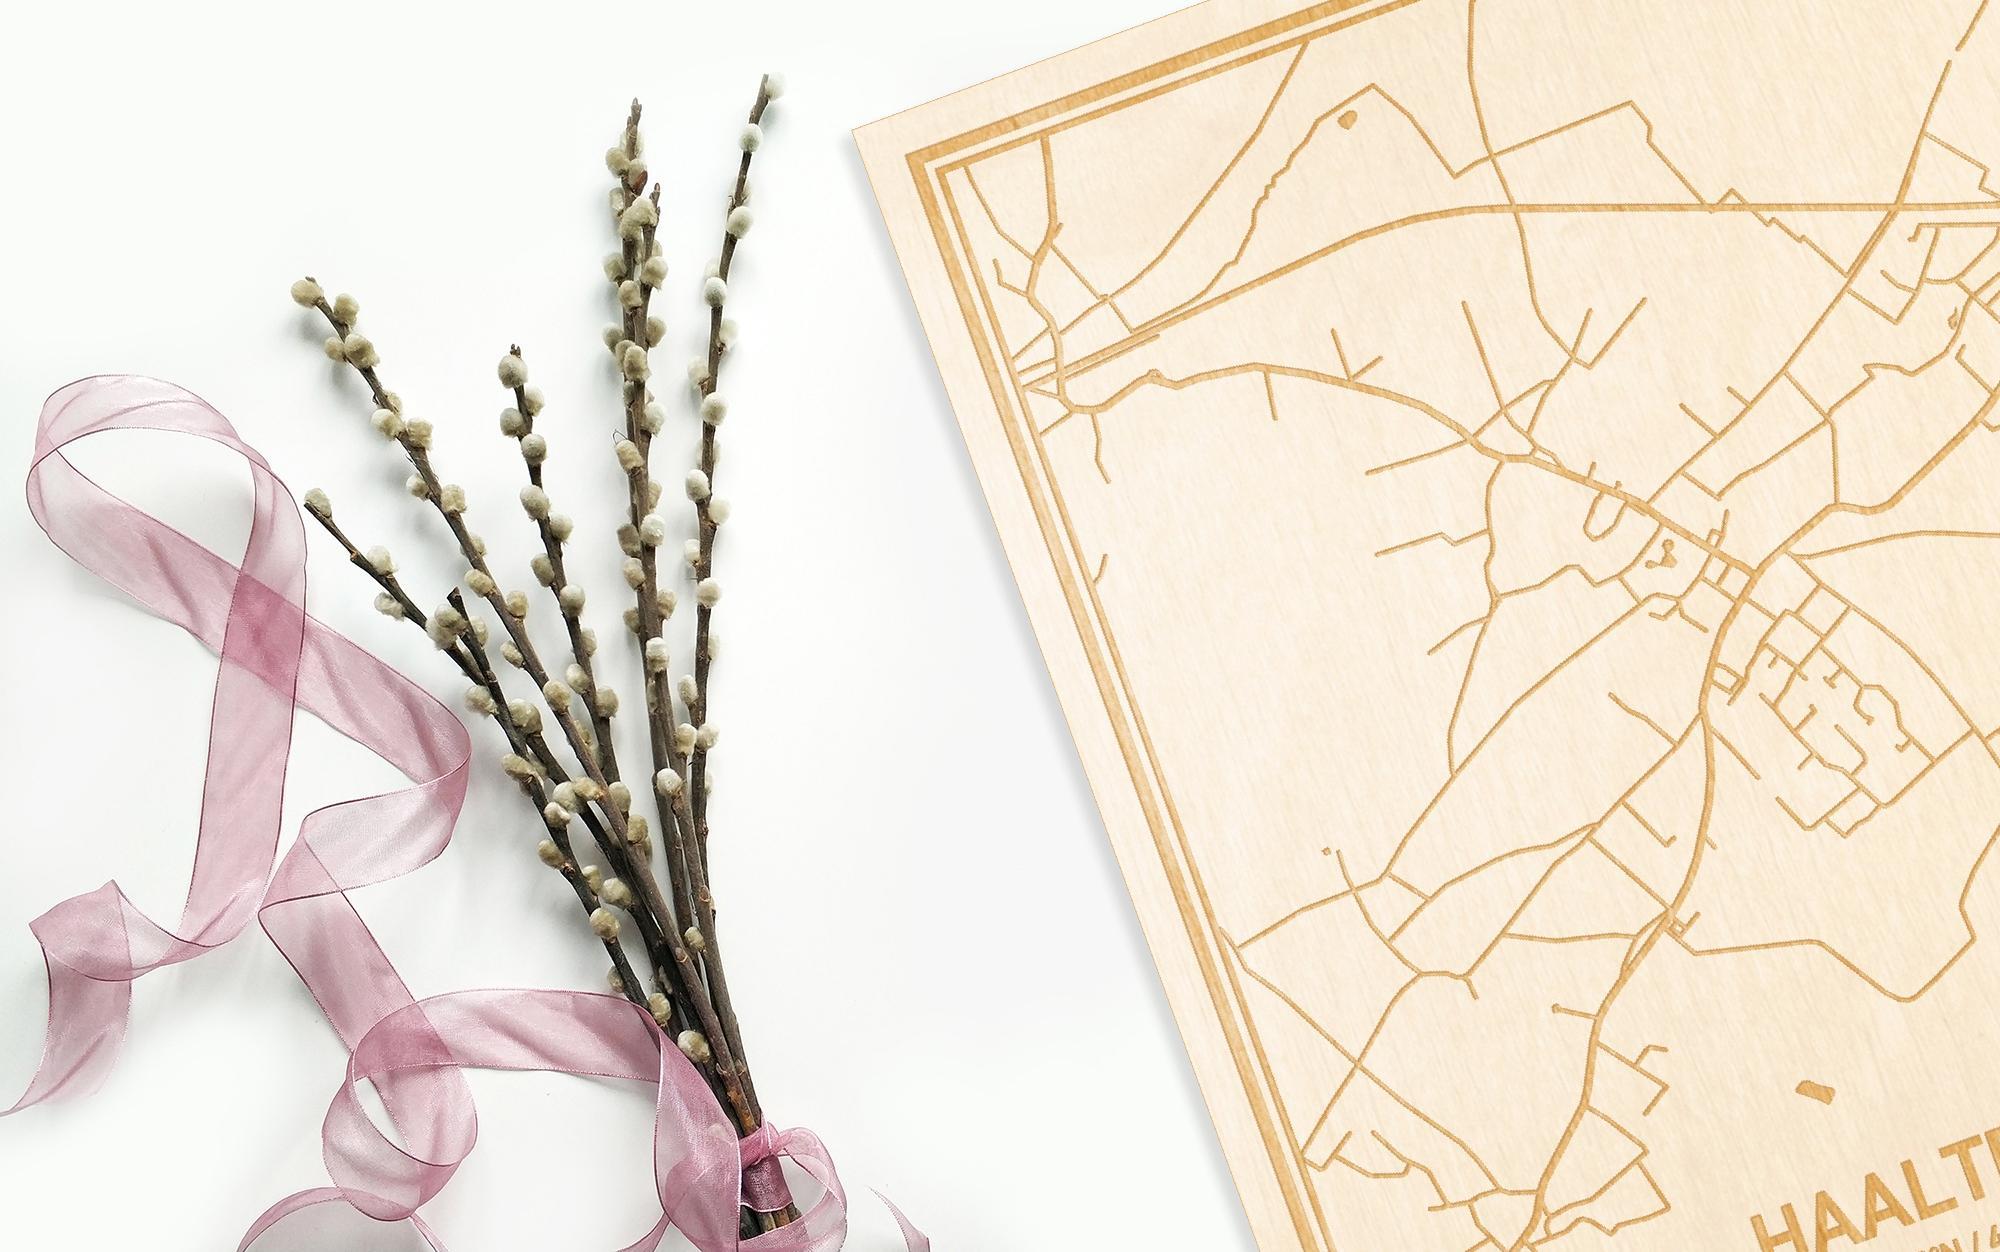 Hier ligt de houten plattegrond Haaltert naast een bloemetje als gepersonaliseerd cadeau voor haar.